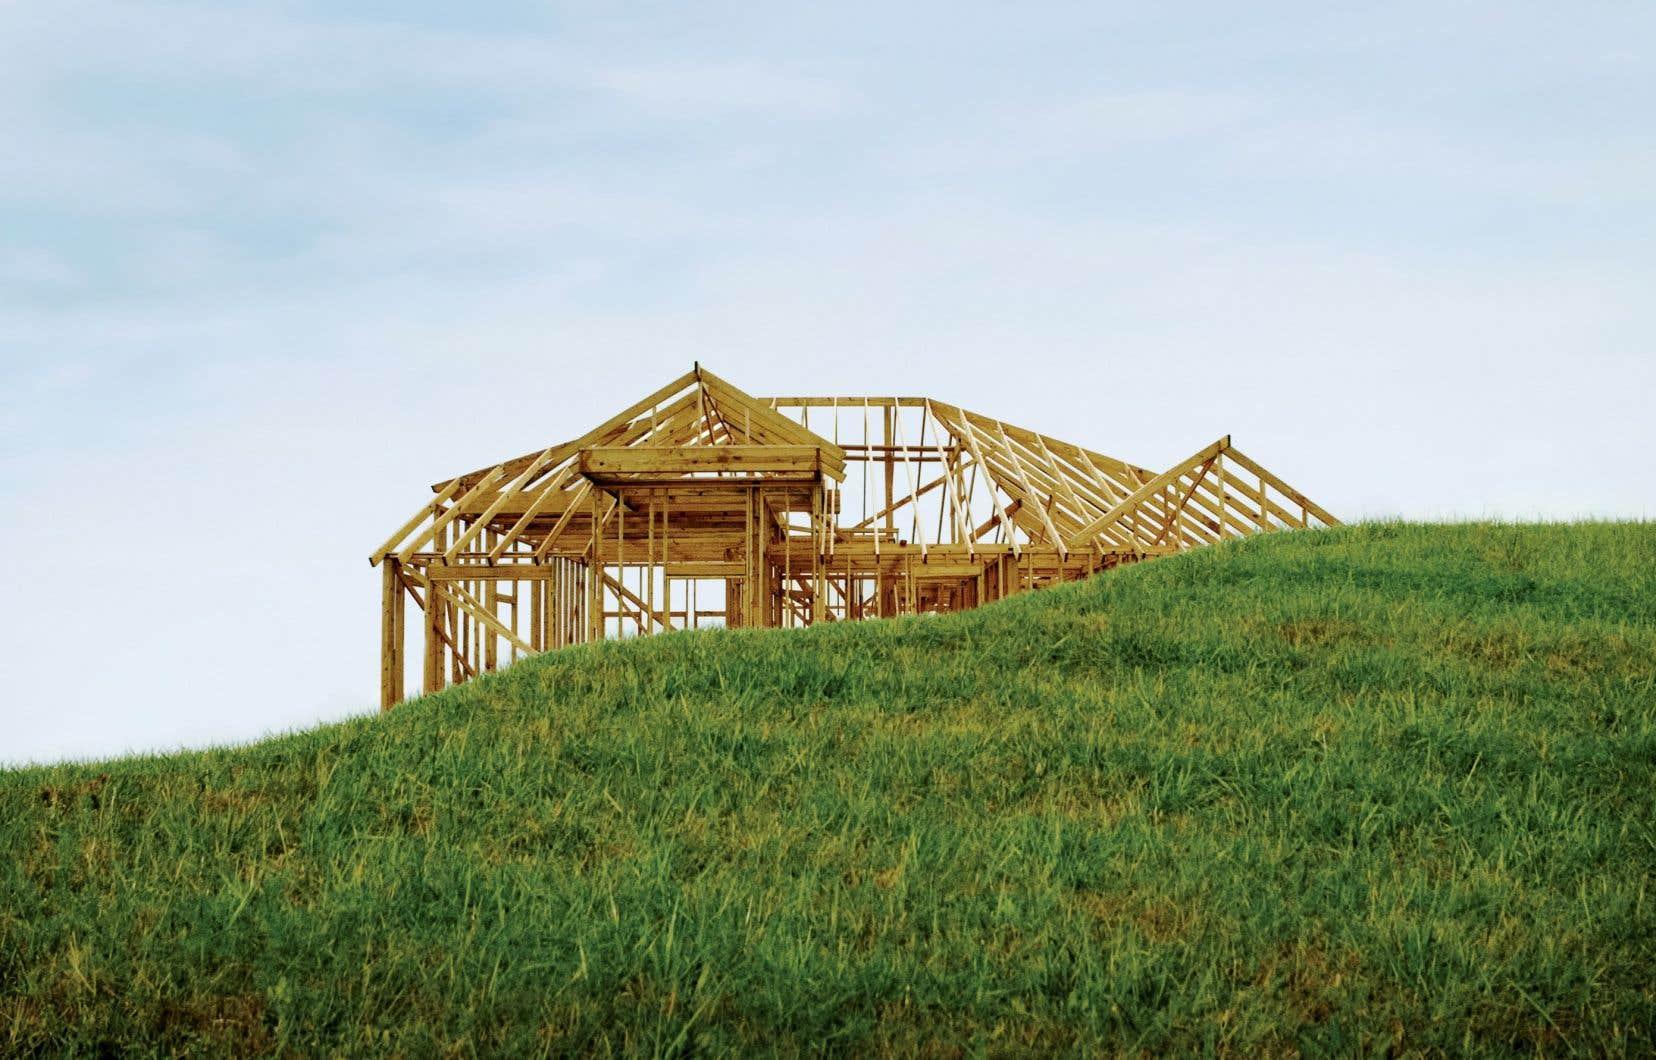 Malgré une reprise des mises en chantier après le confinement du printemps, l'offre immobilière résidentielle au Québec des propriétés neuves, comme celles du marché de la revente, demeure moins élevée que la demande.